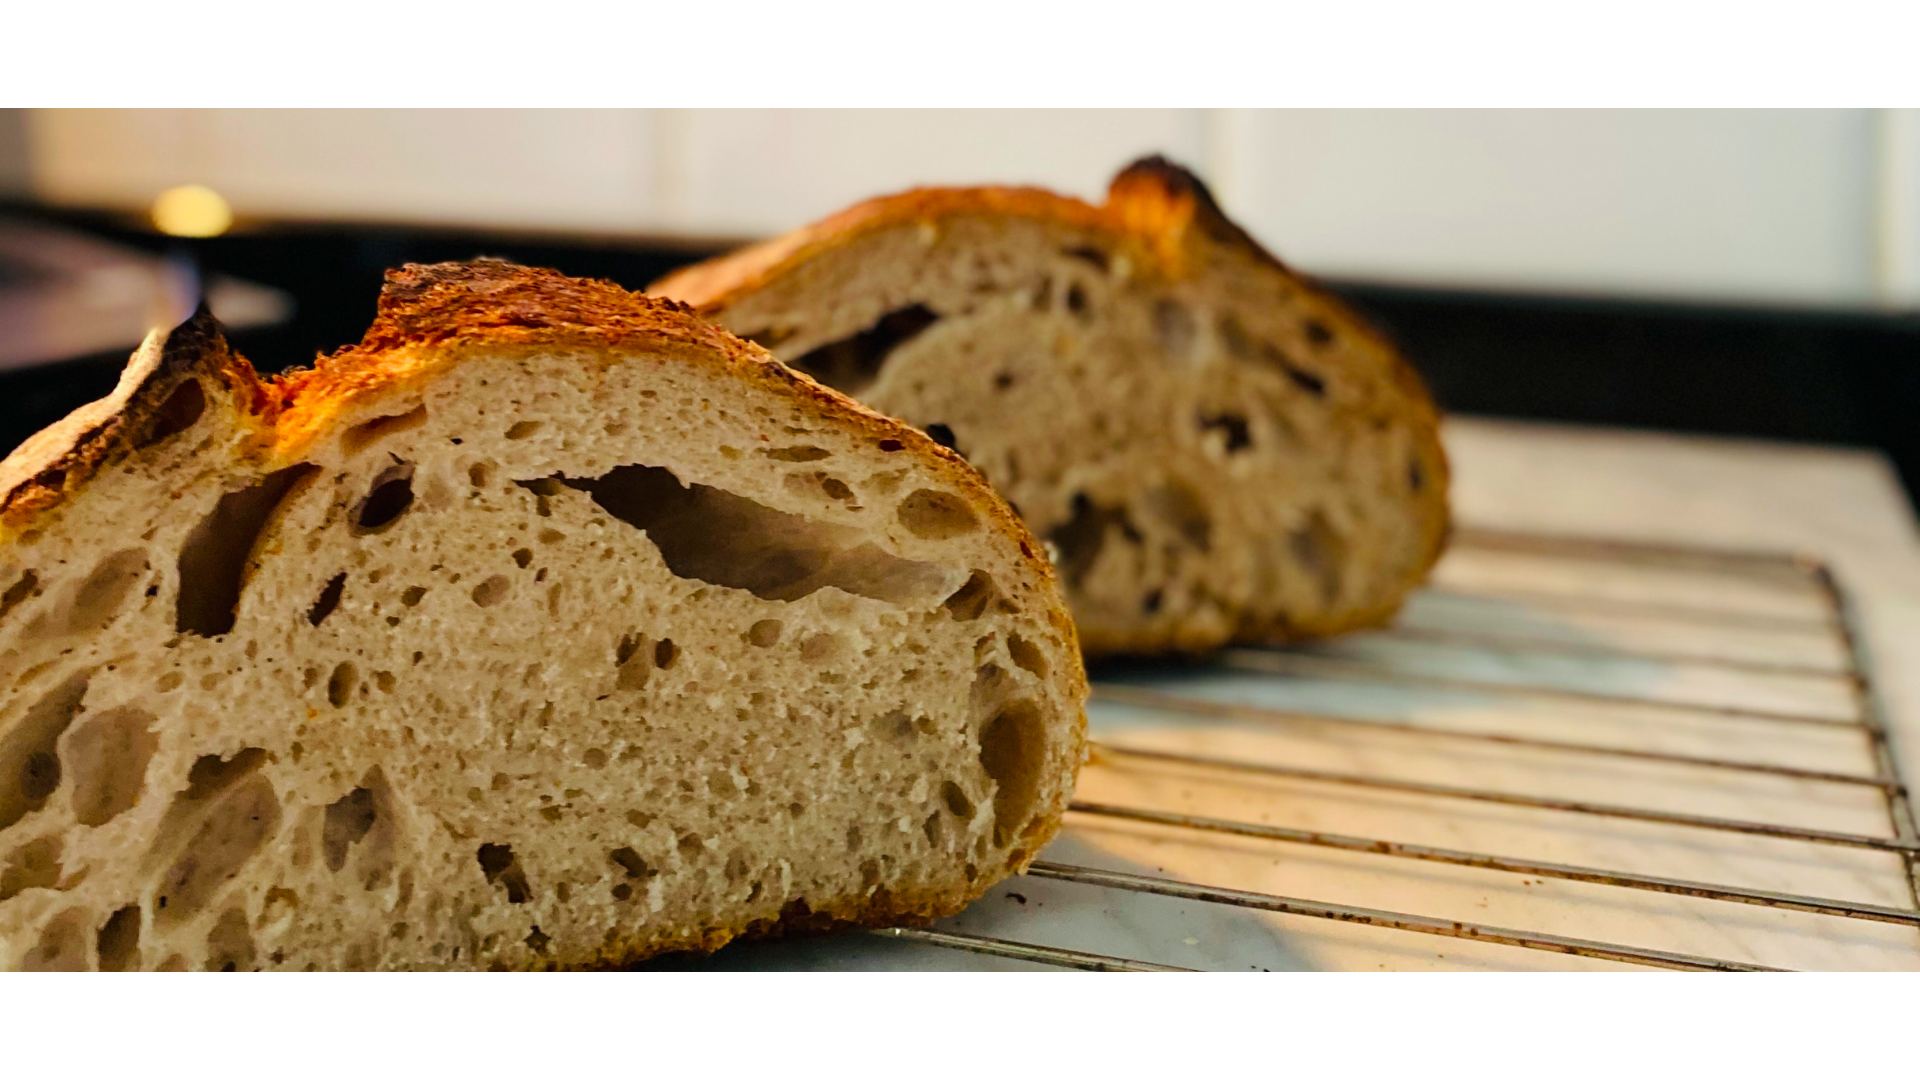 Dilim dilim kesilmiş ekmek görseli.